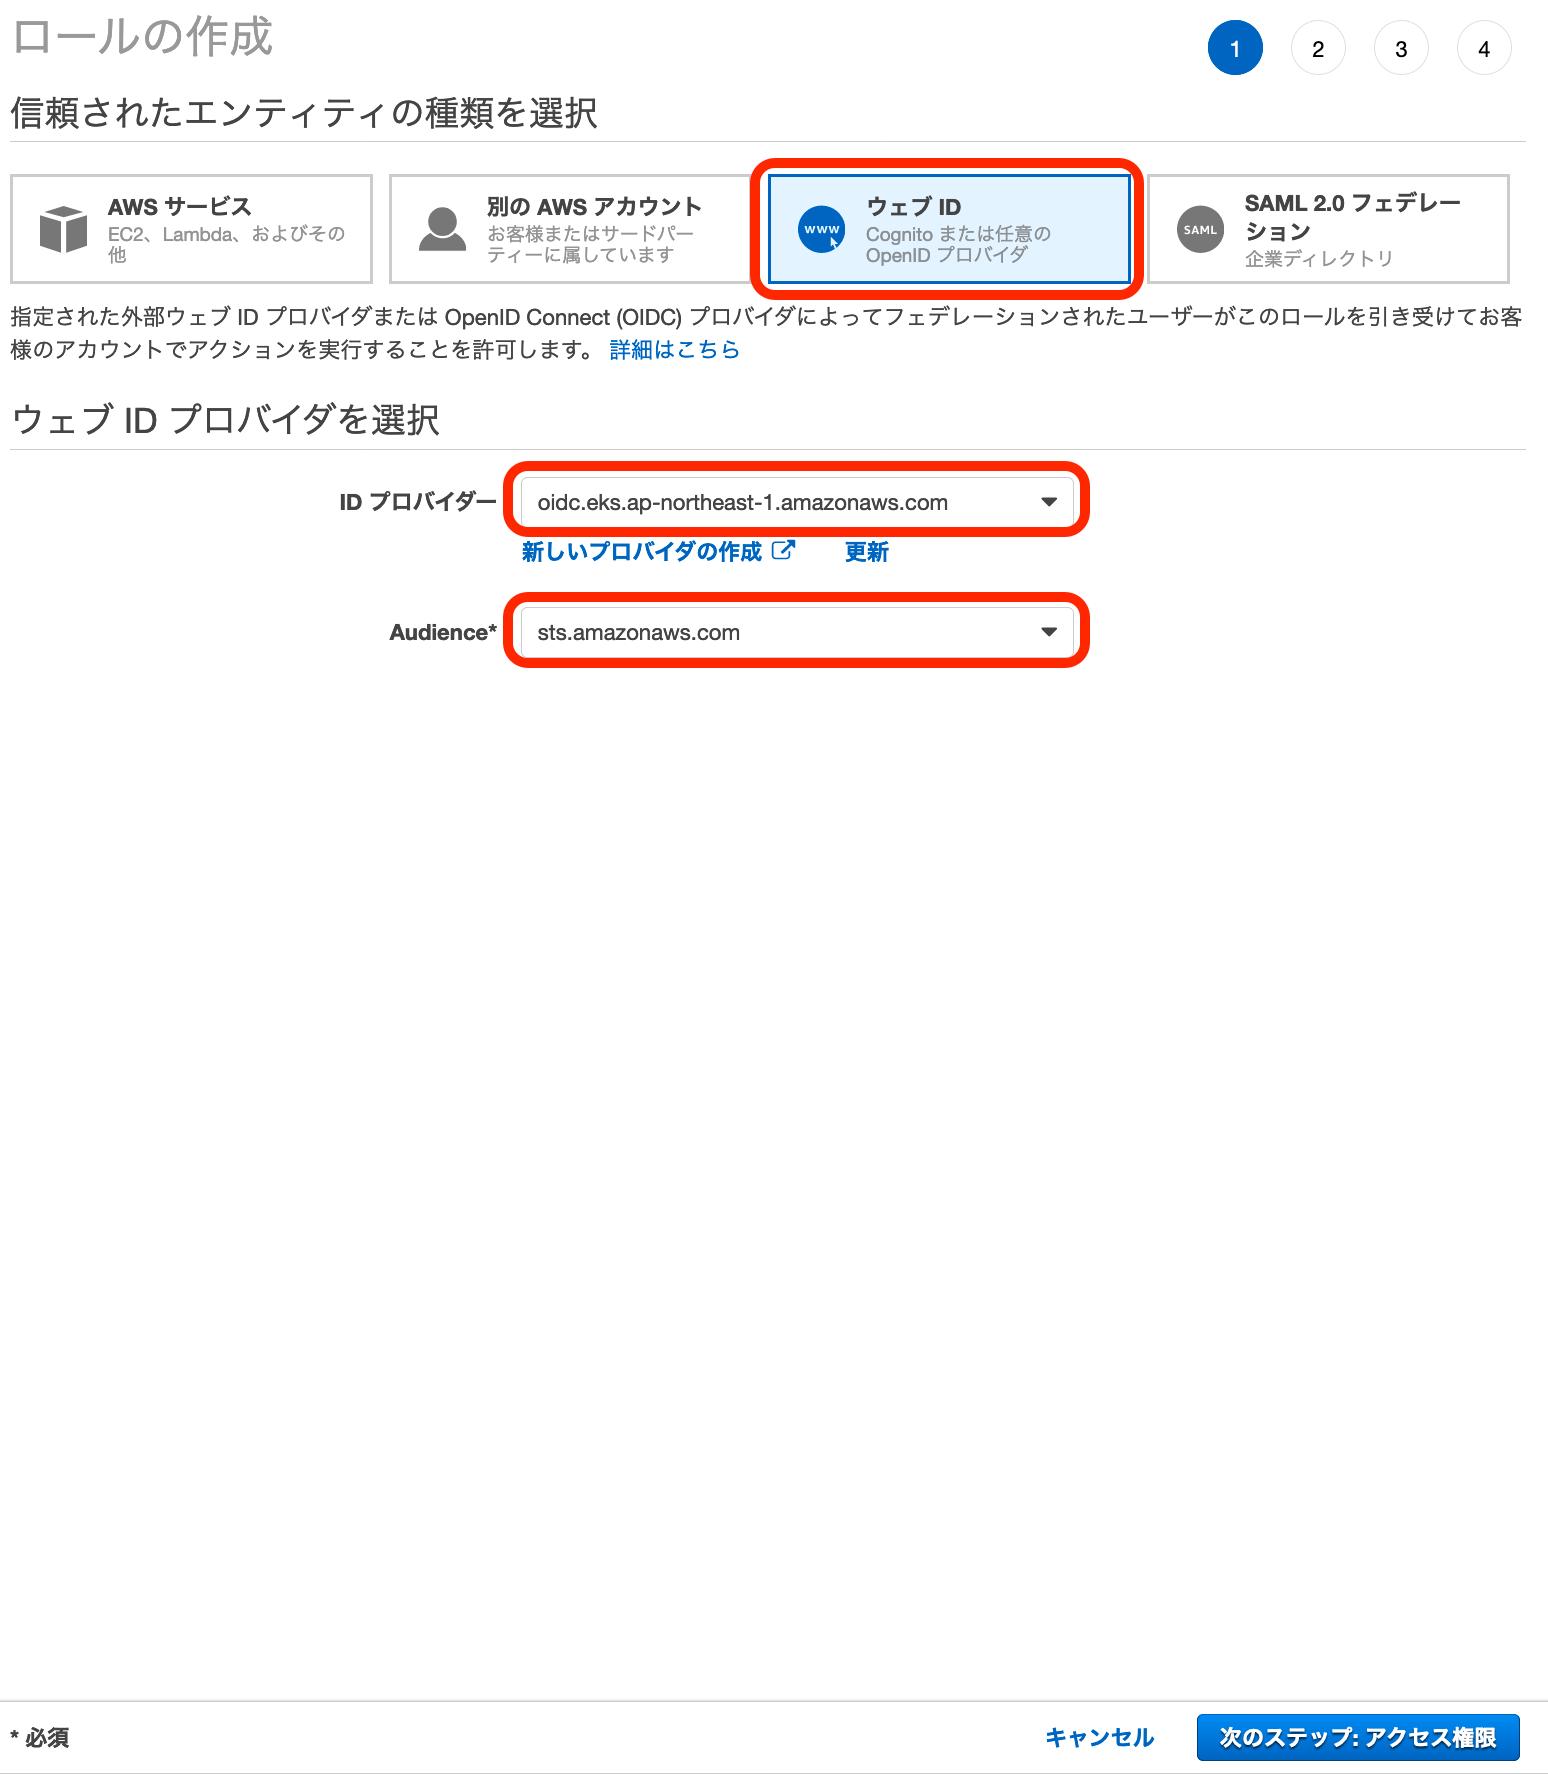 スクリーンショット 2020-03-08 18.44.36.png